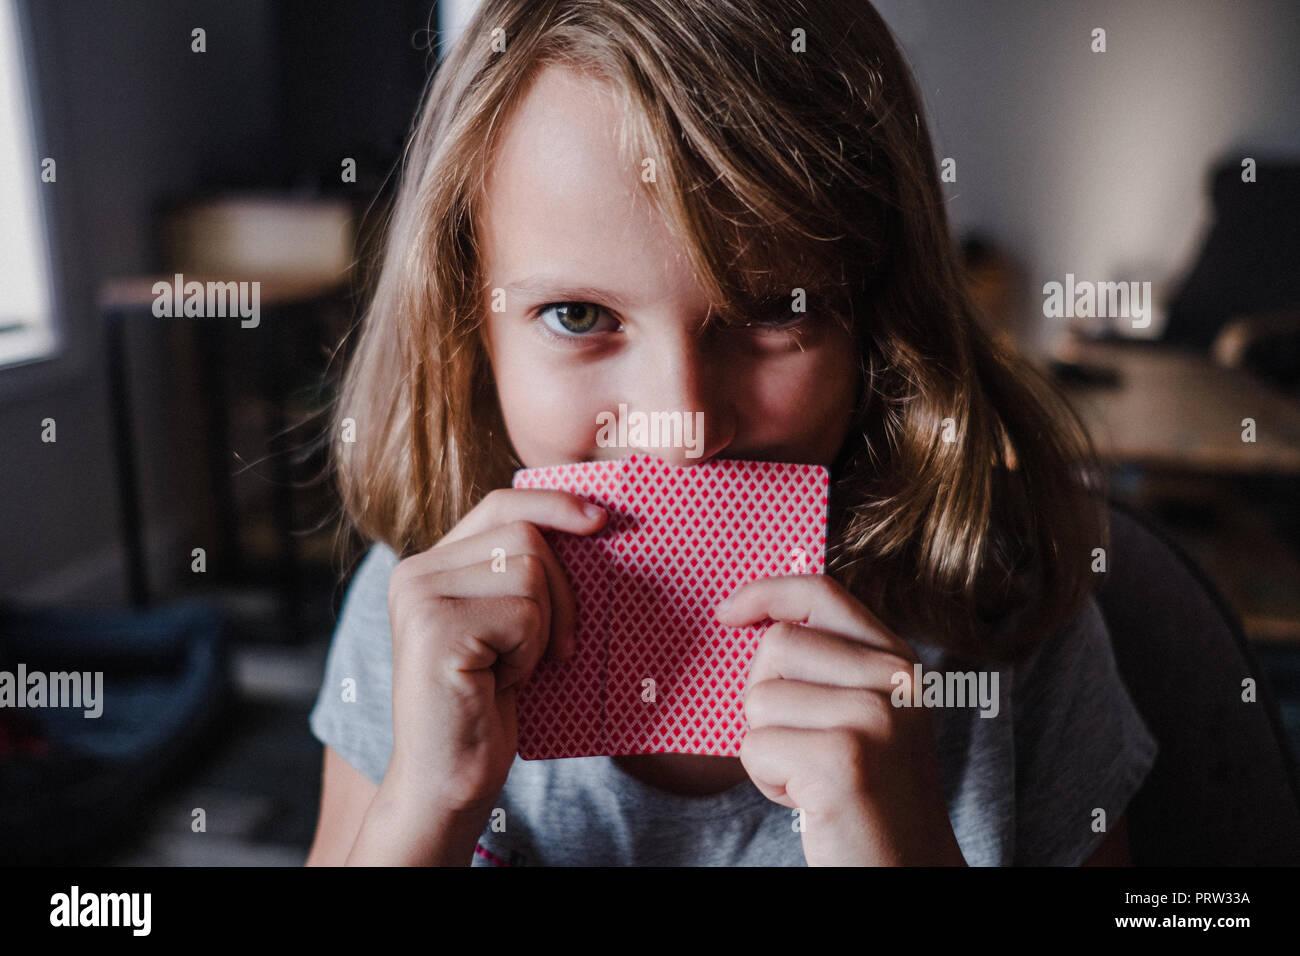 Fille de se cacher derrière des cartes à jouer dans la salle de séjour, portrait Photo Stock